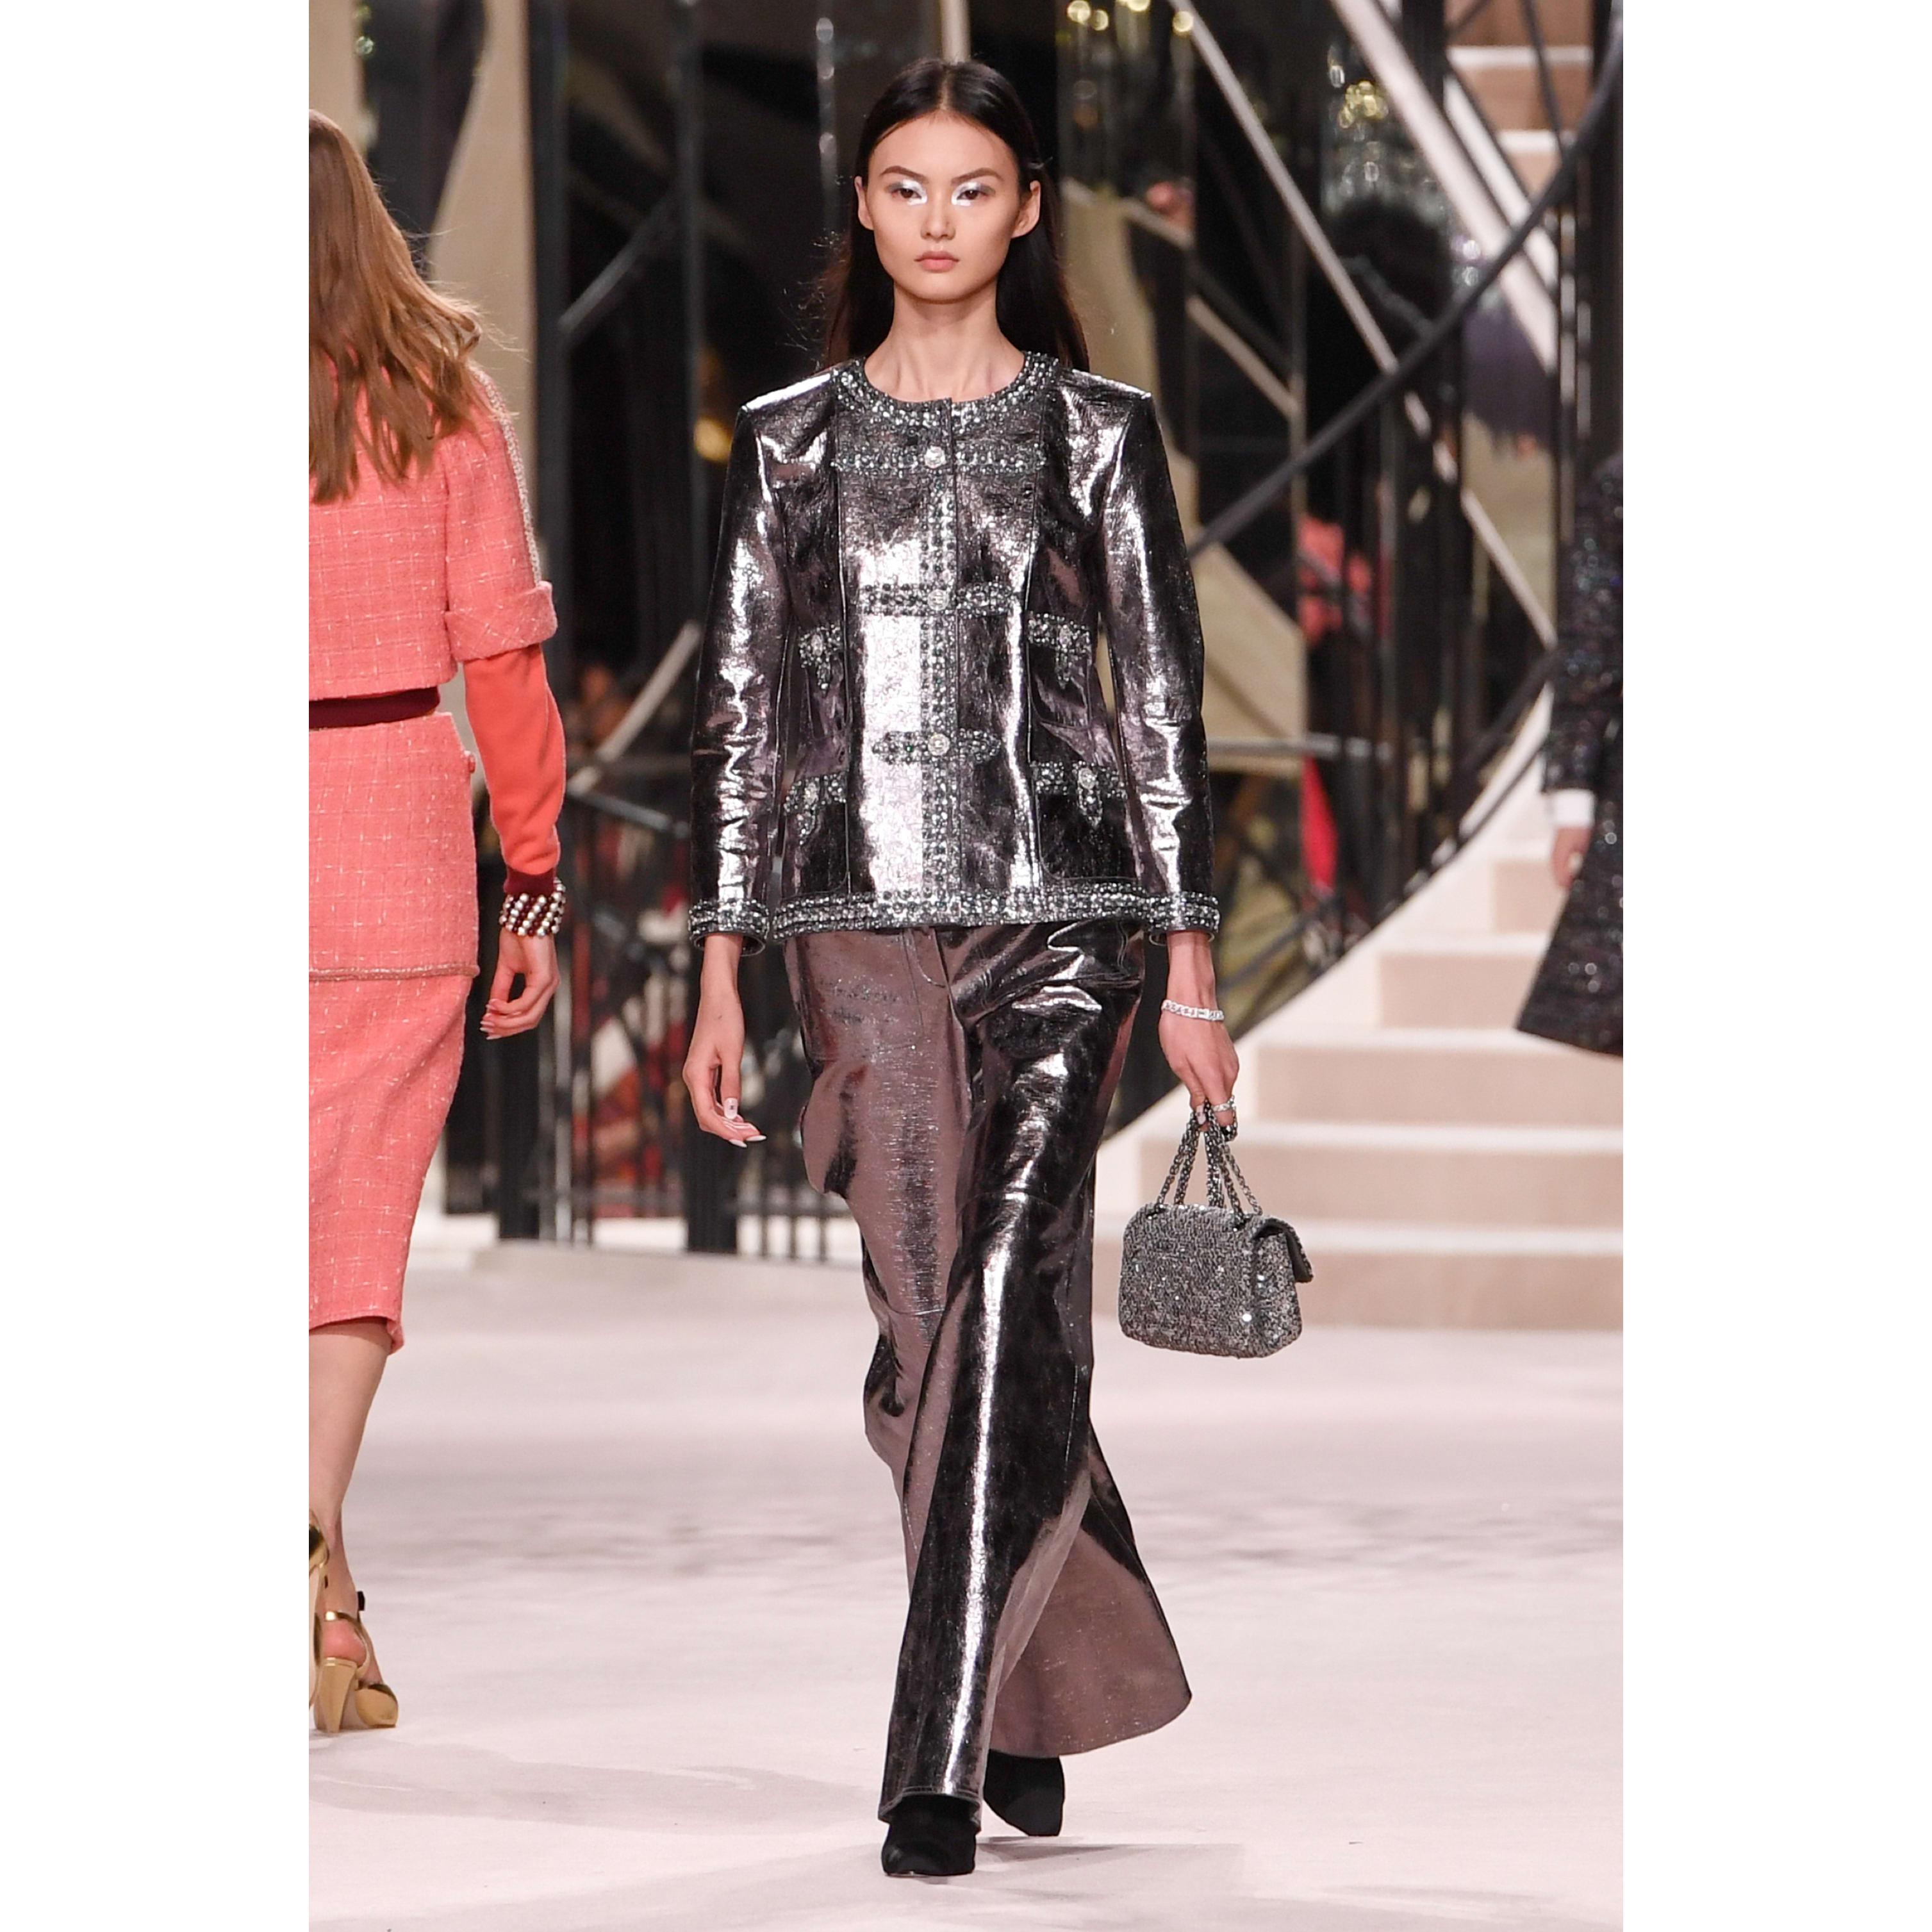 Spodnie - Kolor srebrny - Skóra cielęca - CHANEL - Widok domyślny – zobacz w standardowym rozmiarze